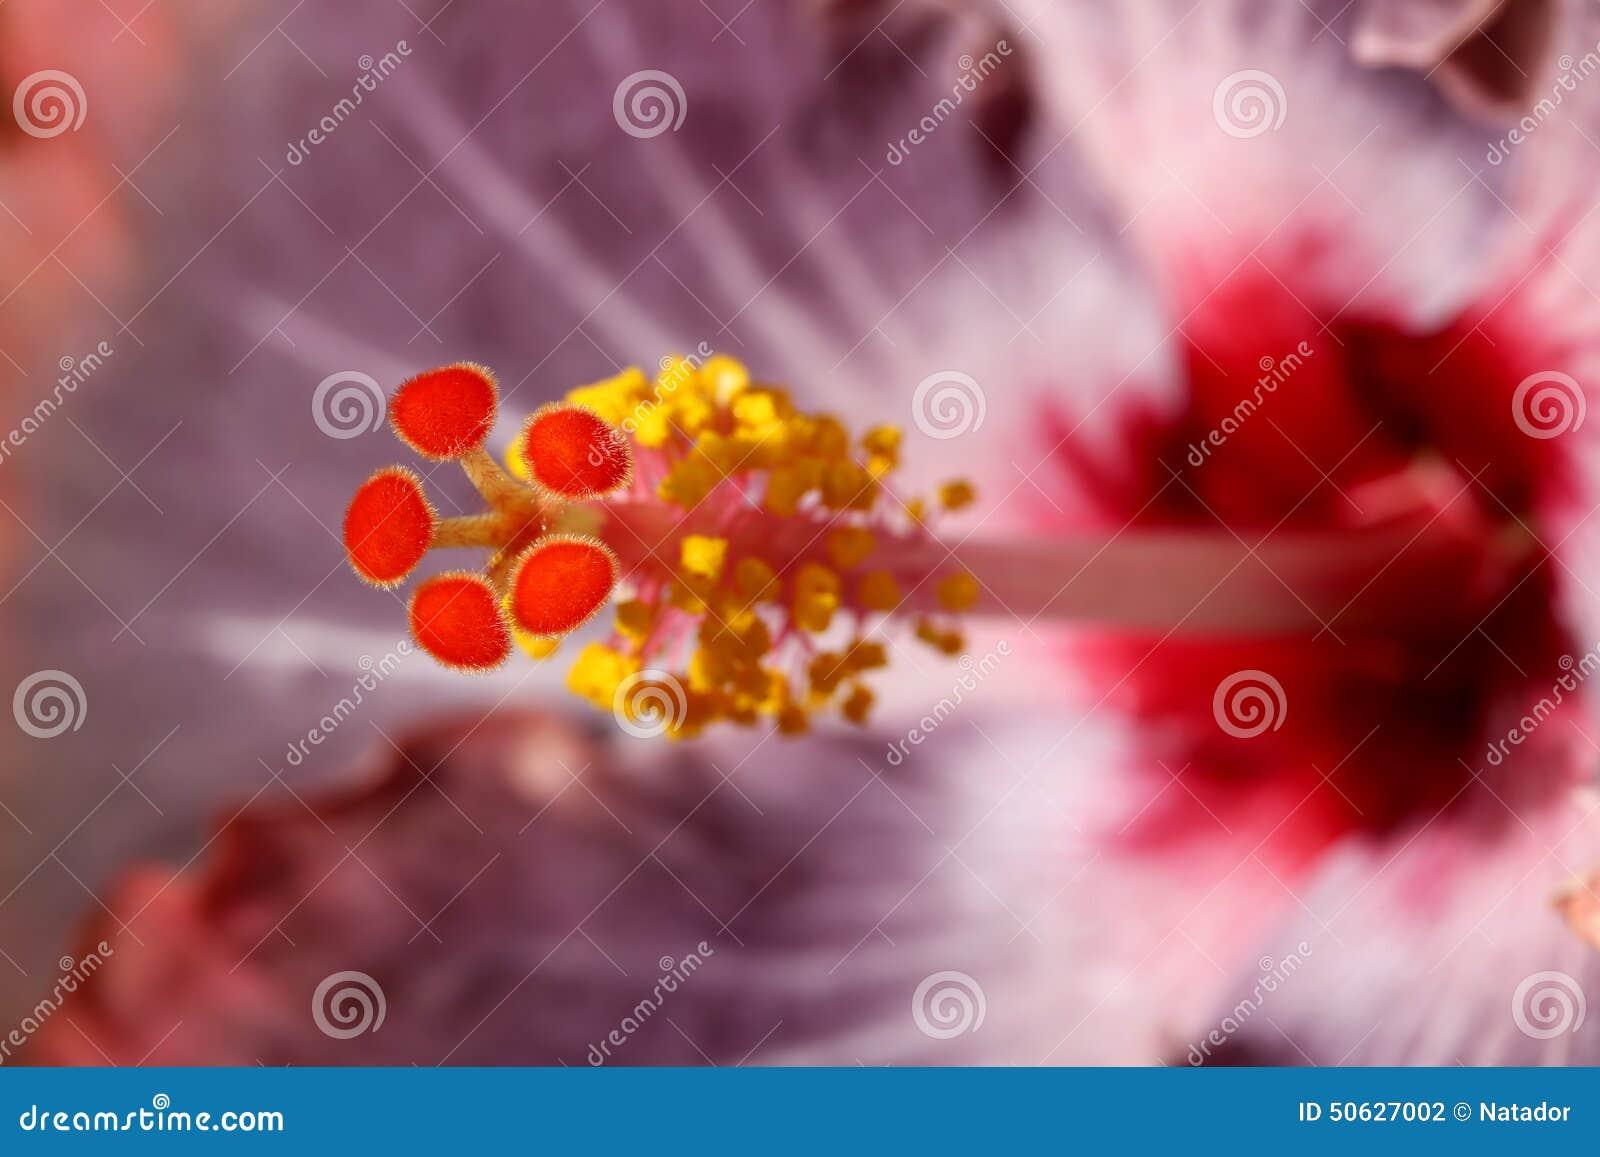 Макрос пестика цветка гибискуса